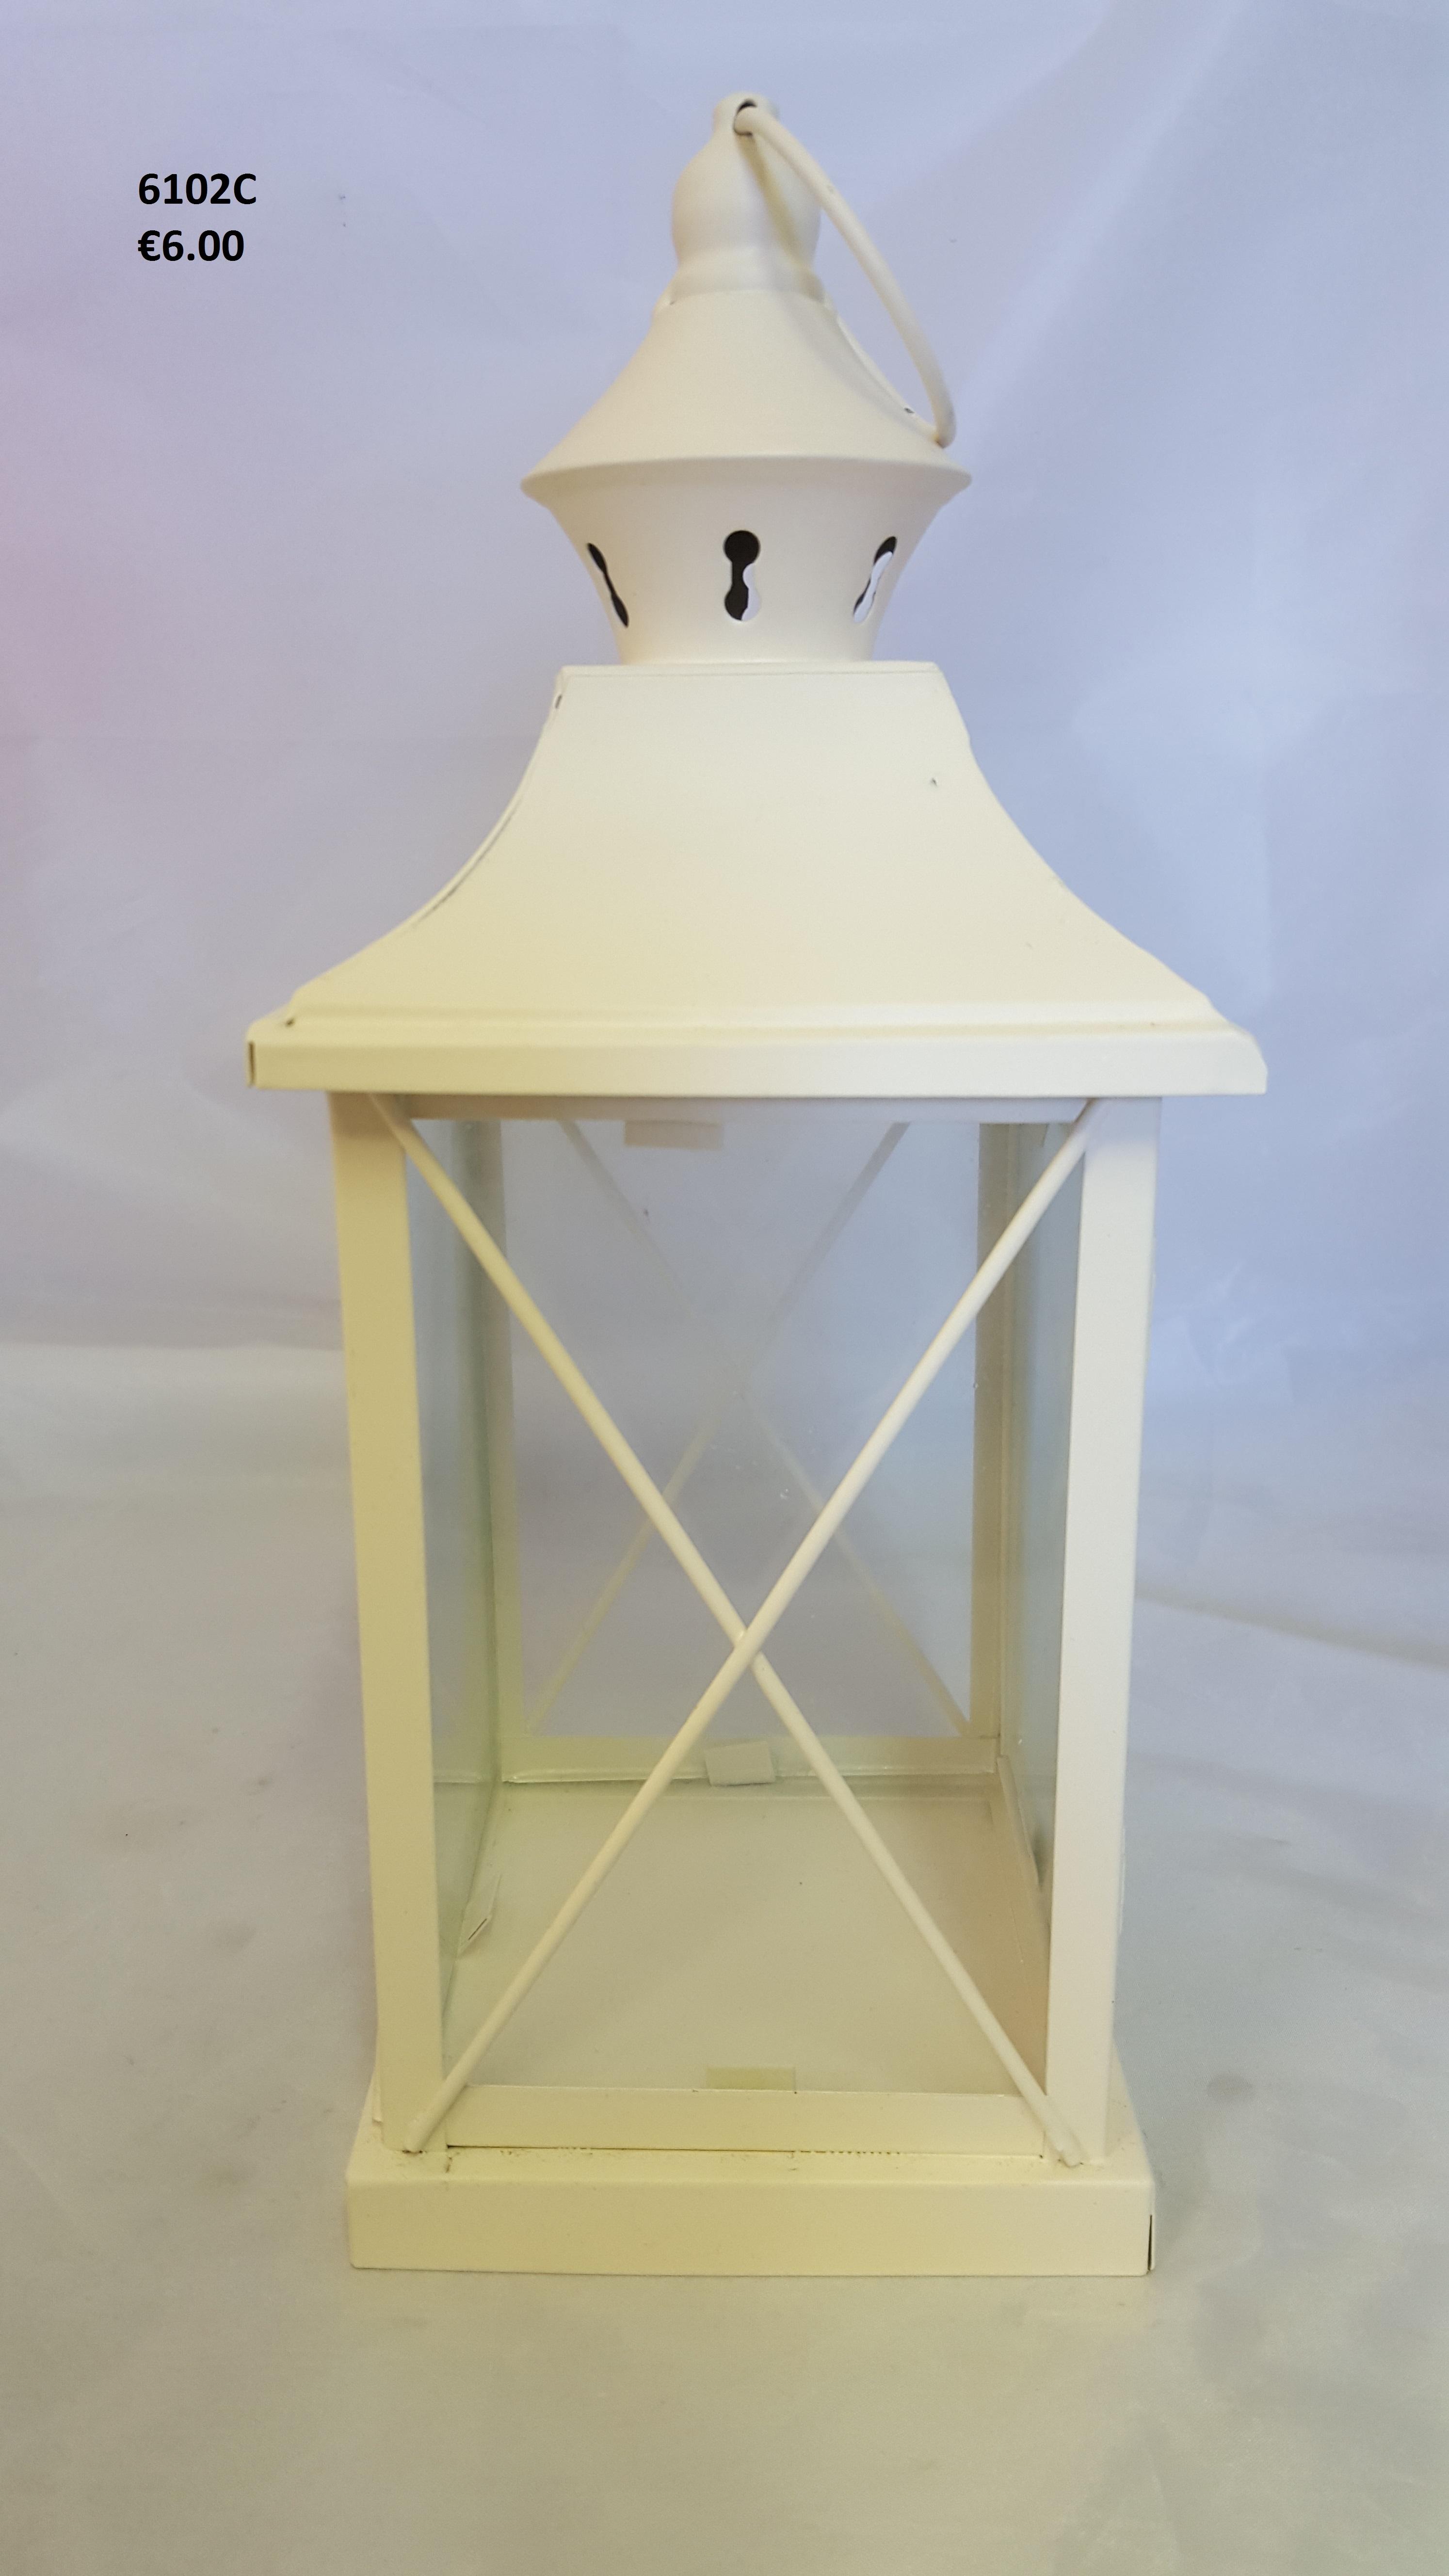 Cream Square Lantern